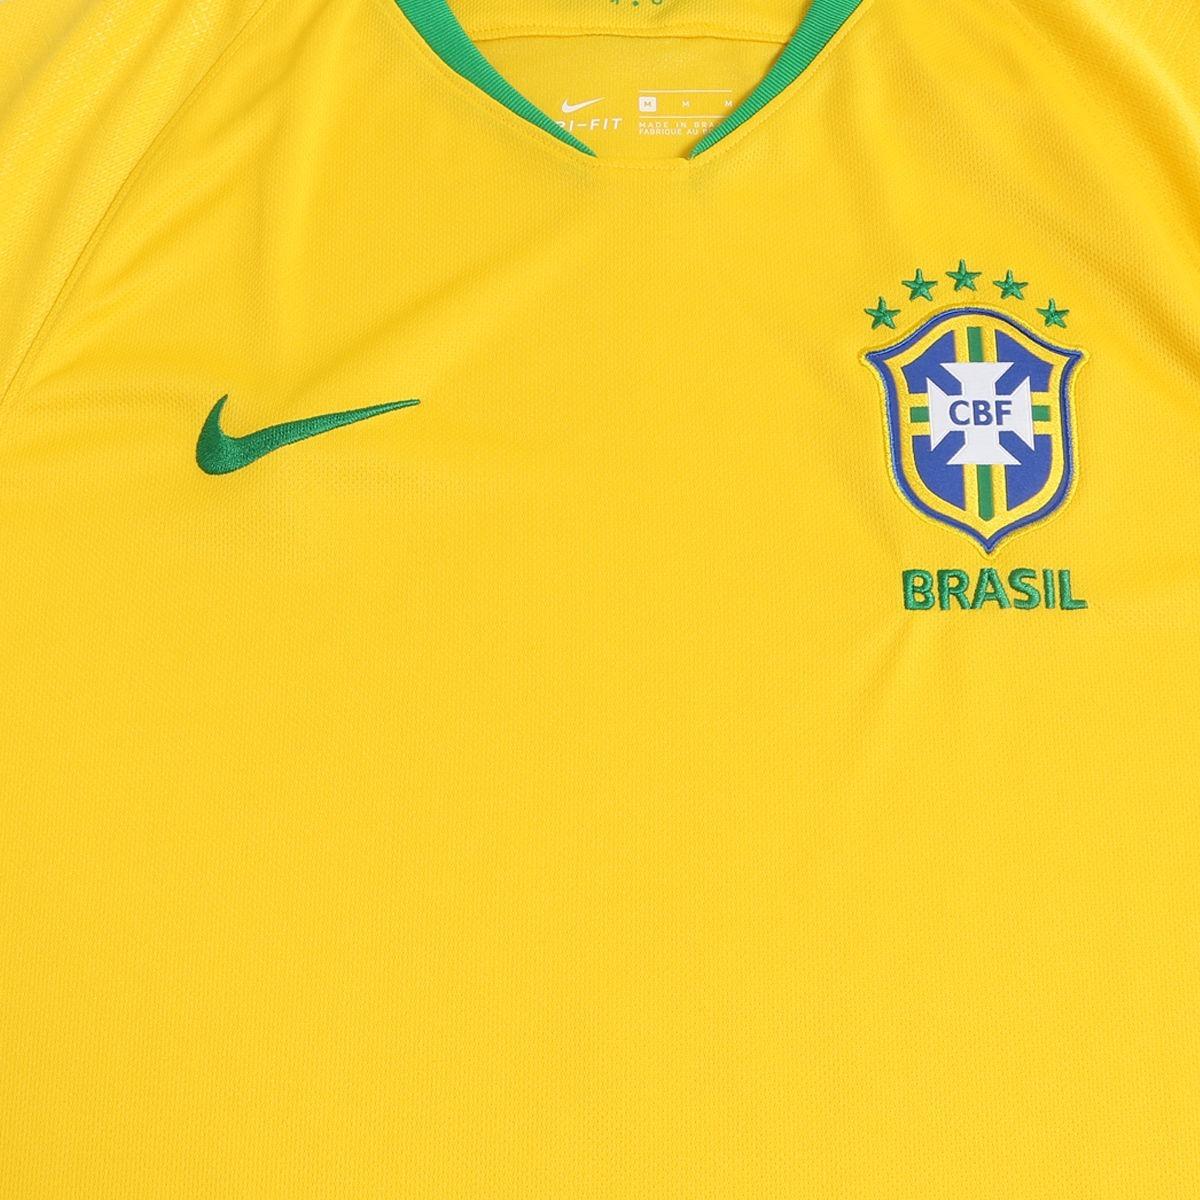 15b0840ab9 nova camisa seleção brasileira 2018 torcedor rumo ao hexa. Carregando zoom.